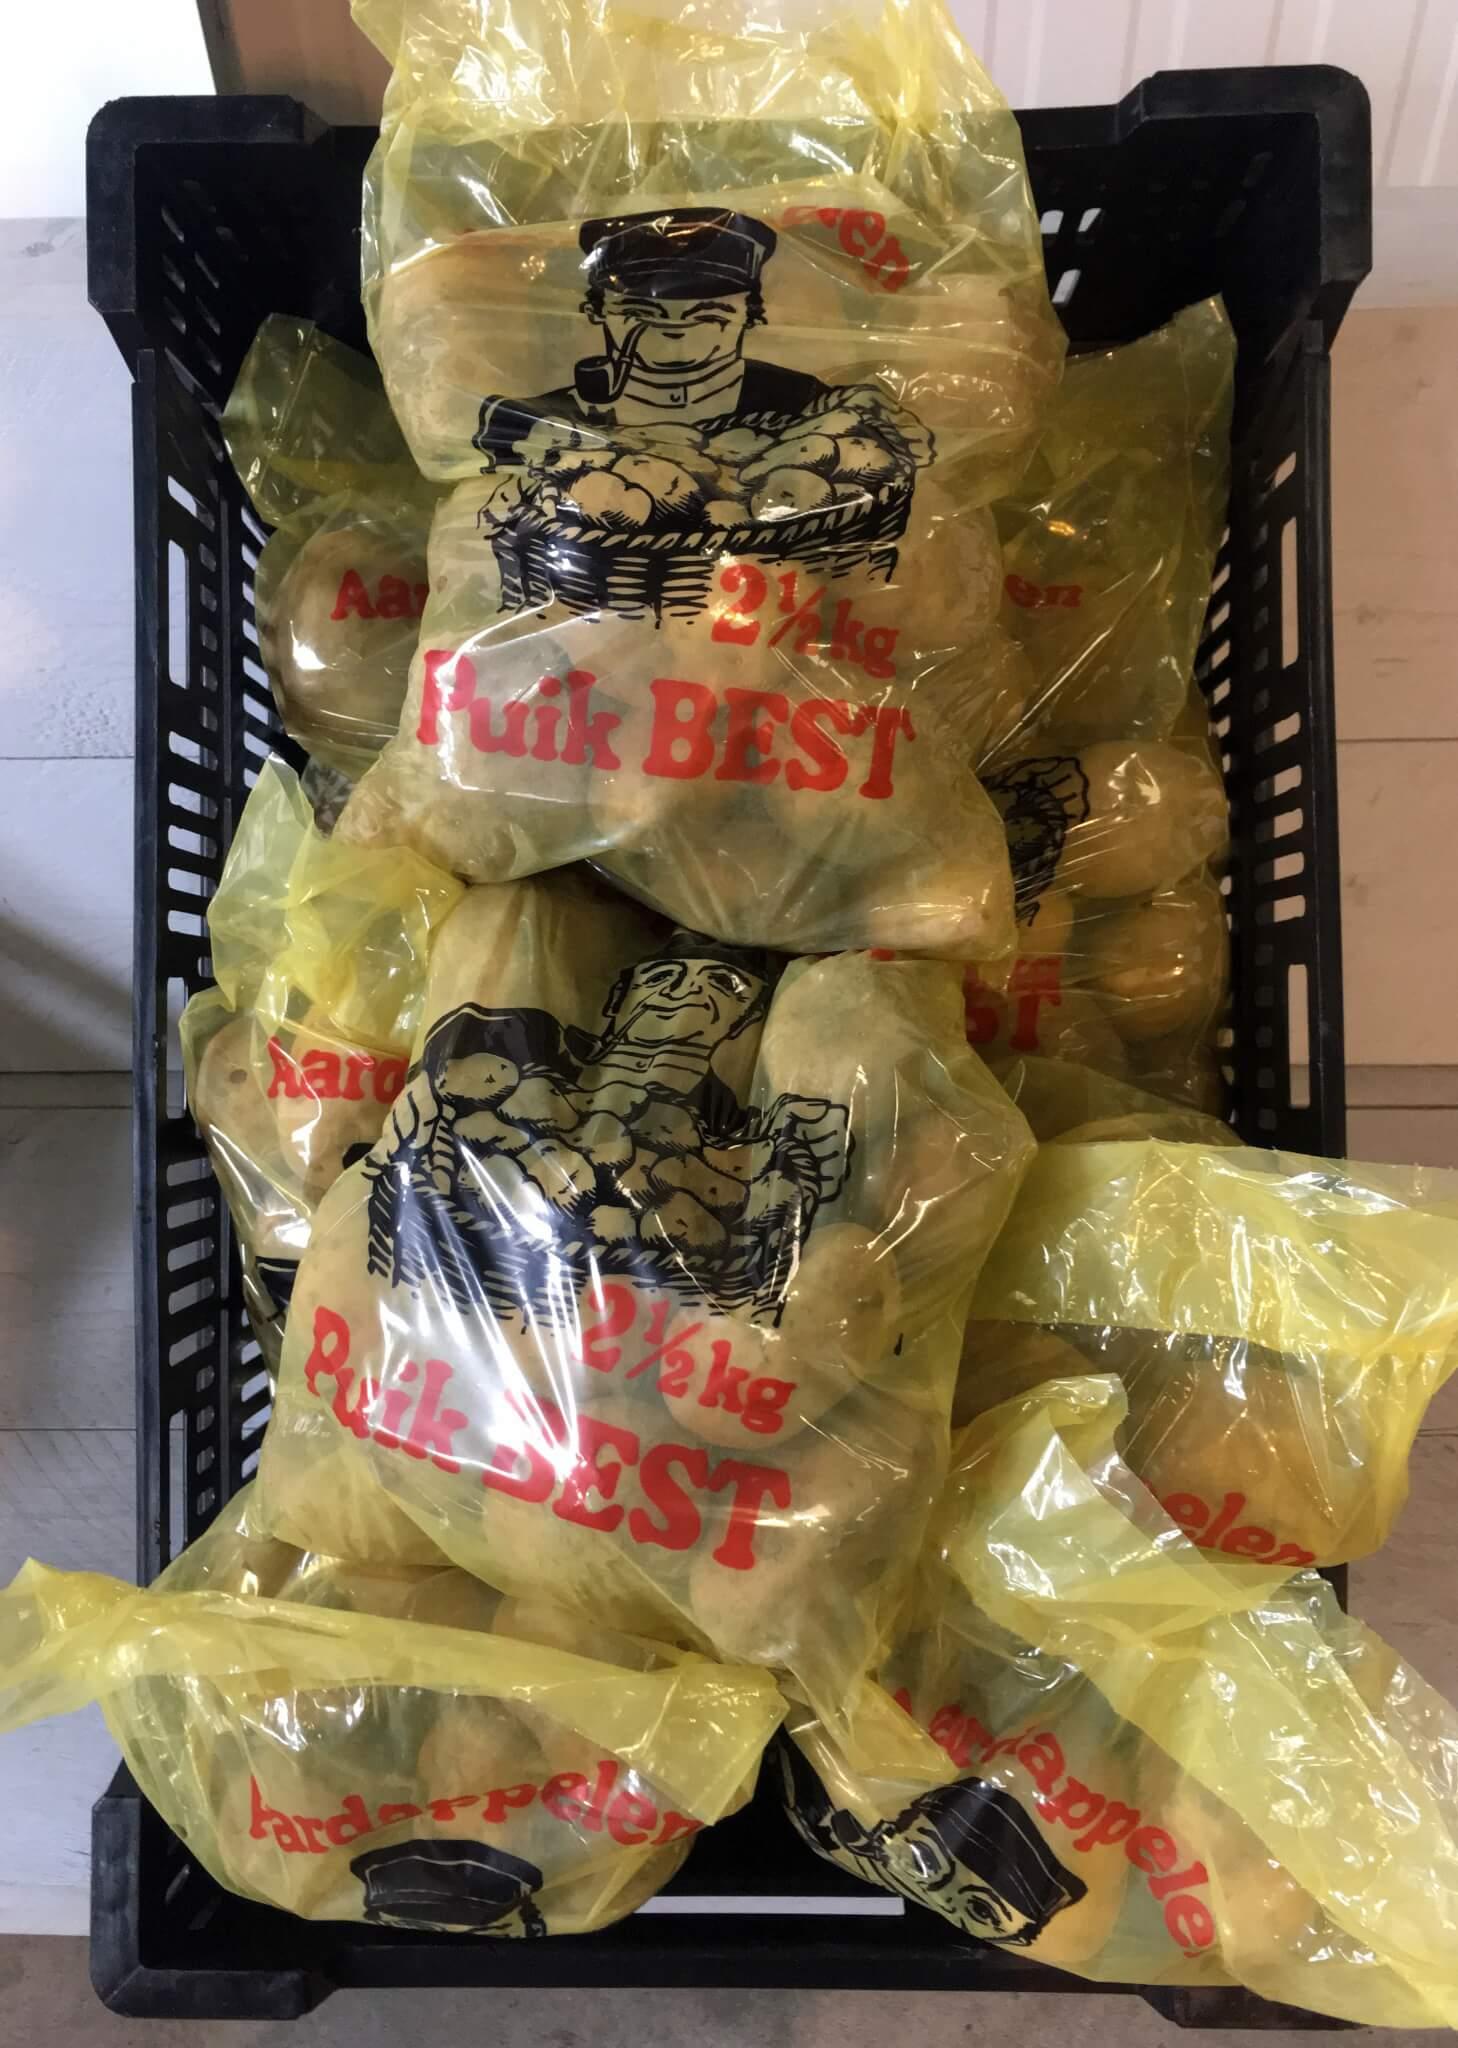 Fruitbedrijf-Van-den-Berge aardappelen (bintjes)